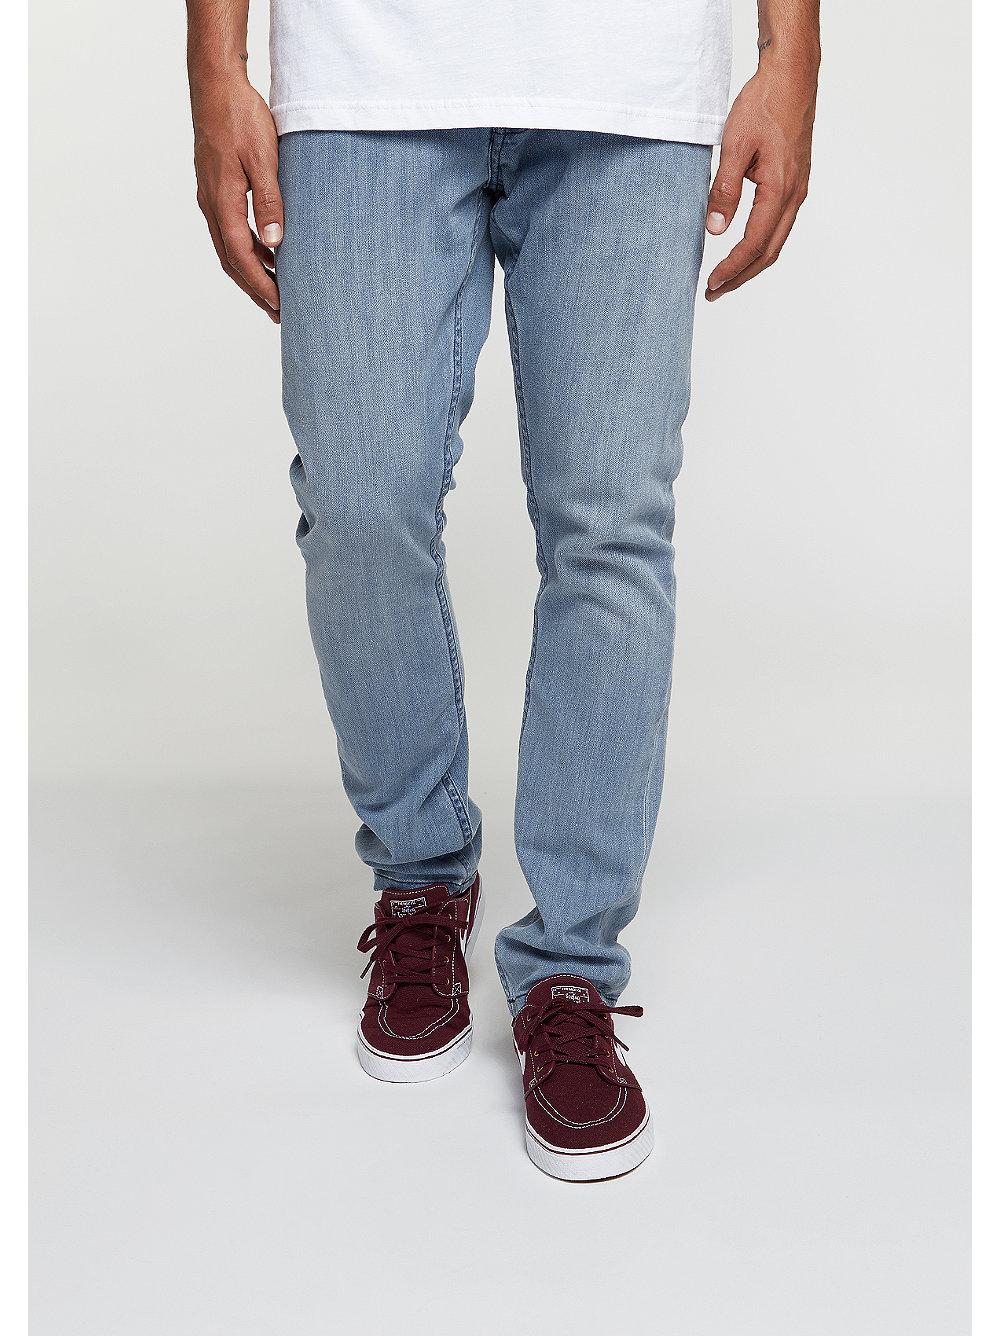 Artikel klicken und genauer betrachten! - Material: 98,62% Baumwolle,1,38% Elasthan Größenhinweis : Ömer ist 1,82 m groß, schlank gebaut und trägt diese Jeans in 32/32. Der Artikel wird in 1- 3 Tagen zu Dir nach Hause geliefert. Der Artikel ist verfügbar in den Größen 32/32,34/32,30/32,28/30,34/34 für Herren. | im Online Shop kaufen